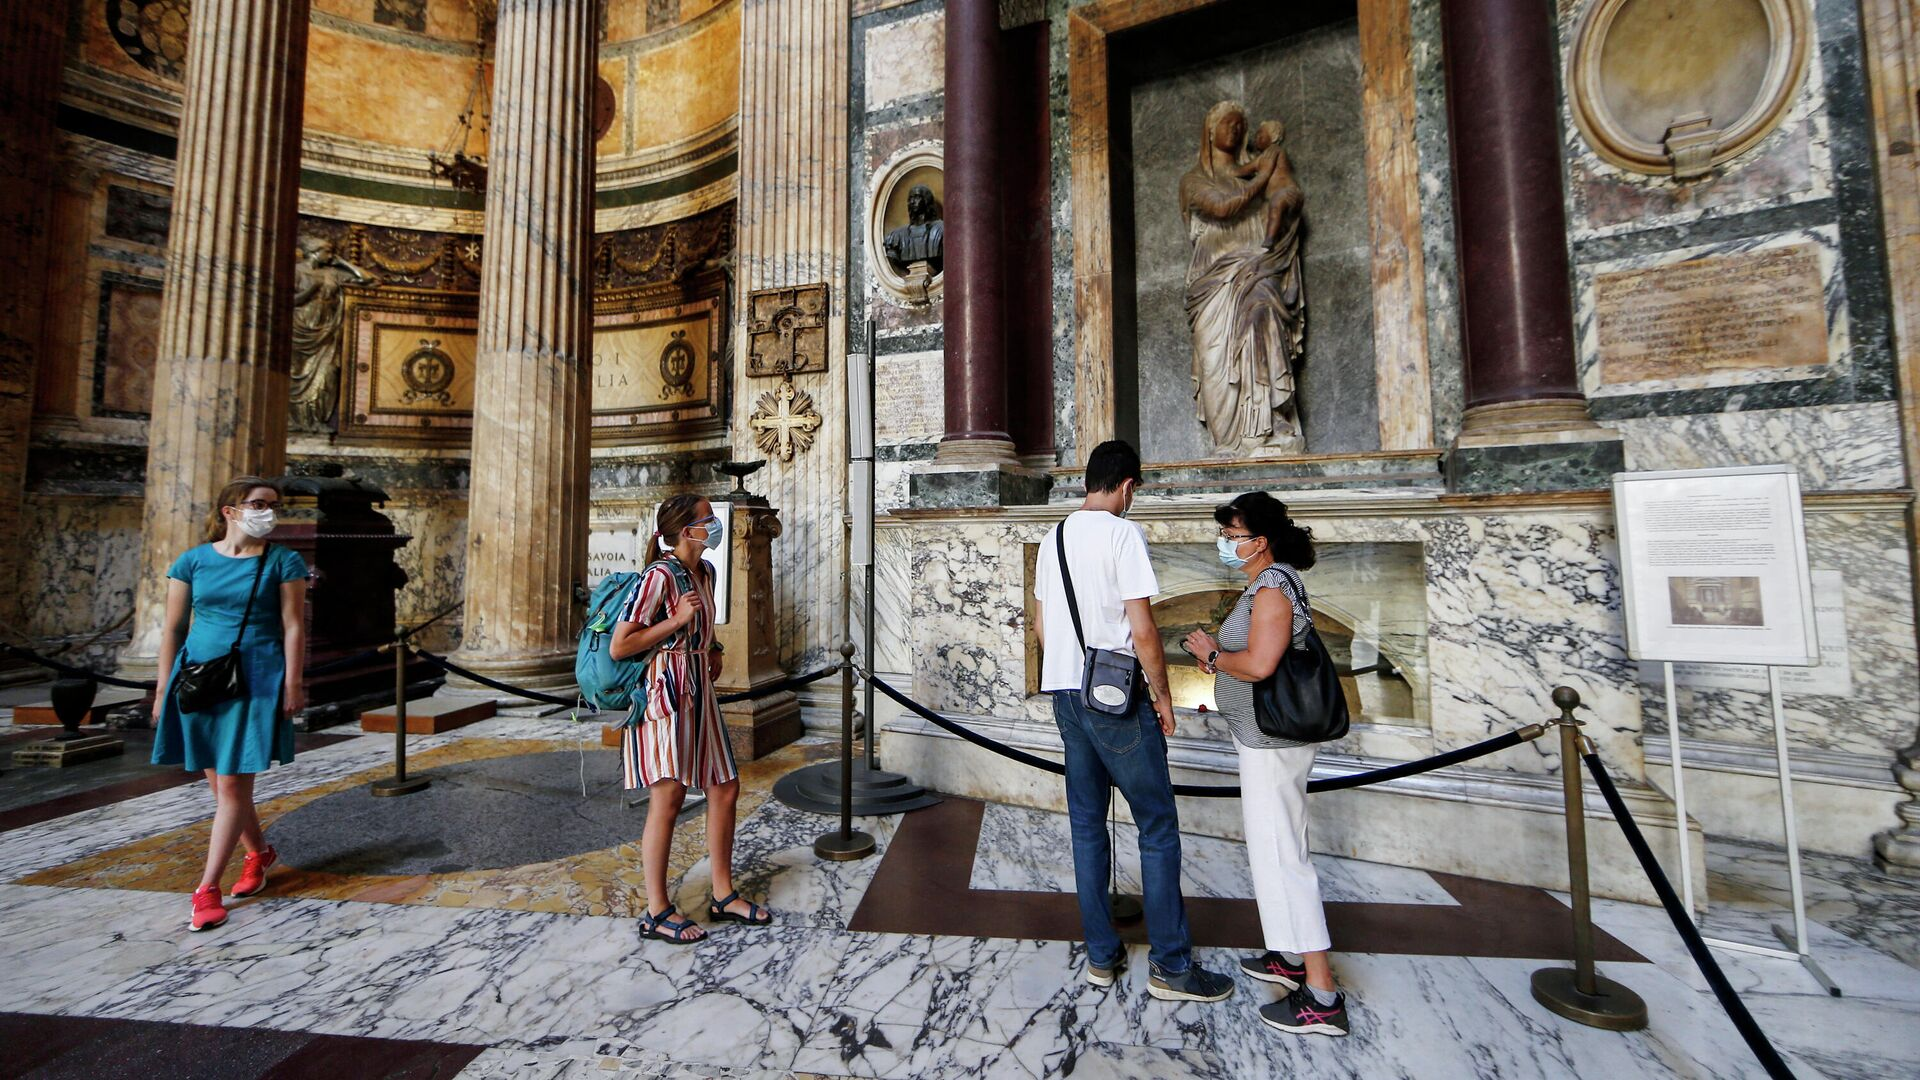 Посетители в маски для лица в Римском Пантеоне. 9 июня 2020 года - РИА Новости, 1920, 21.06.2021